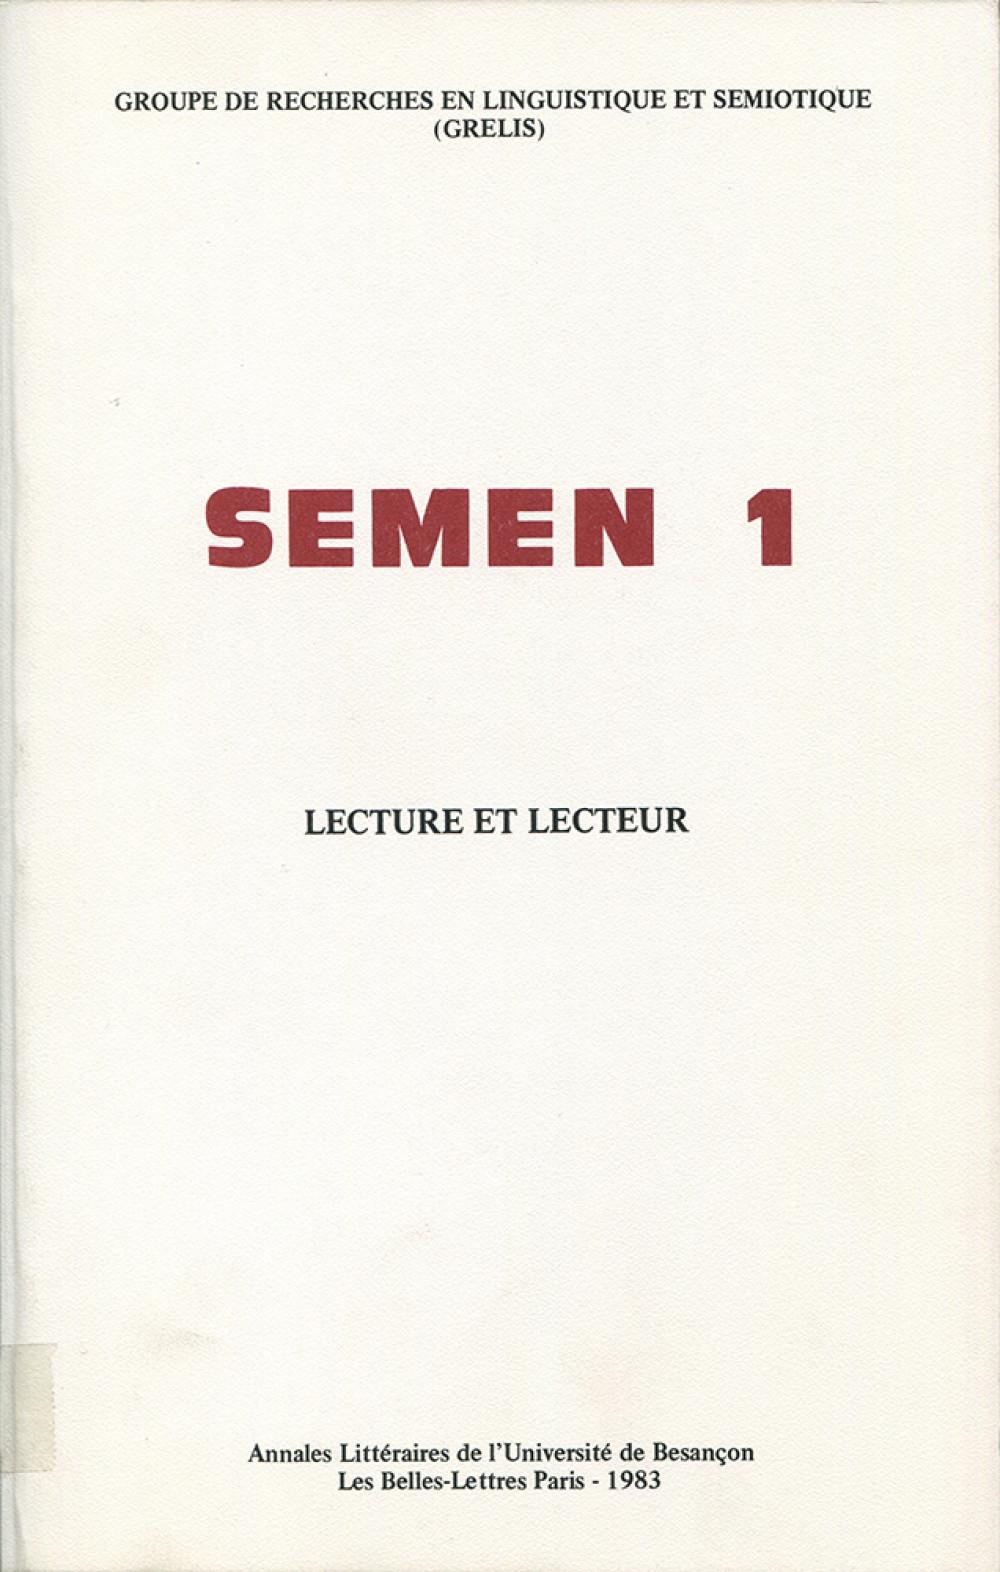 Semen 1